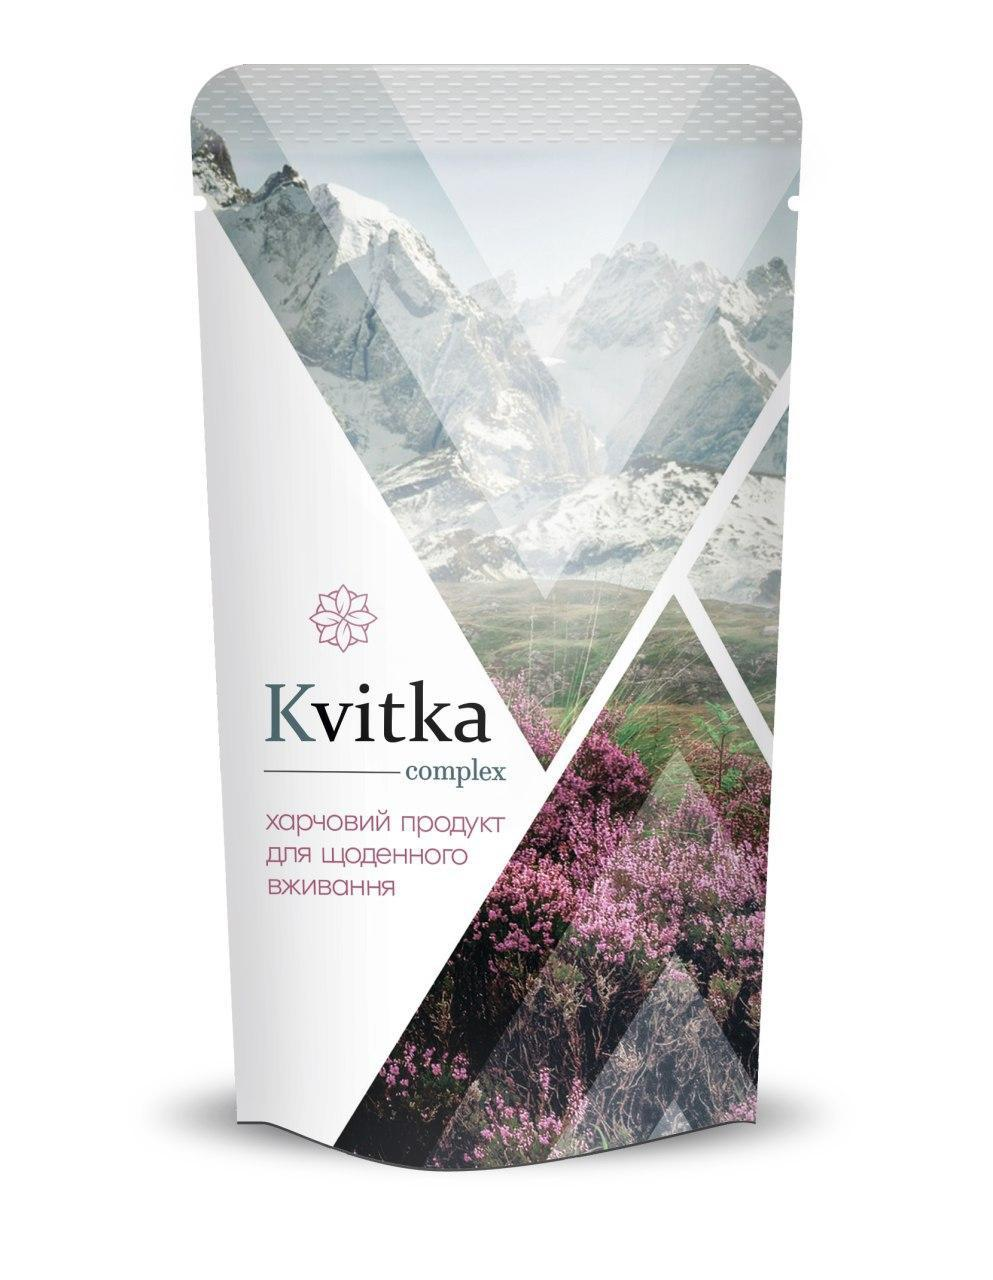 Kvitka complex - комплекс для нормализации работы кишечника и здоровой микрофлоры кишечника